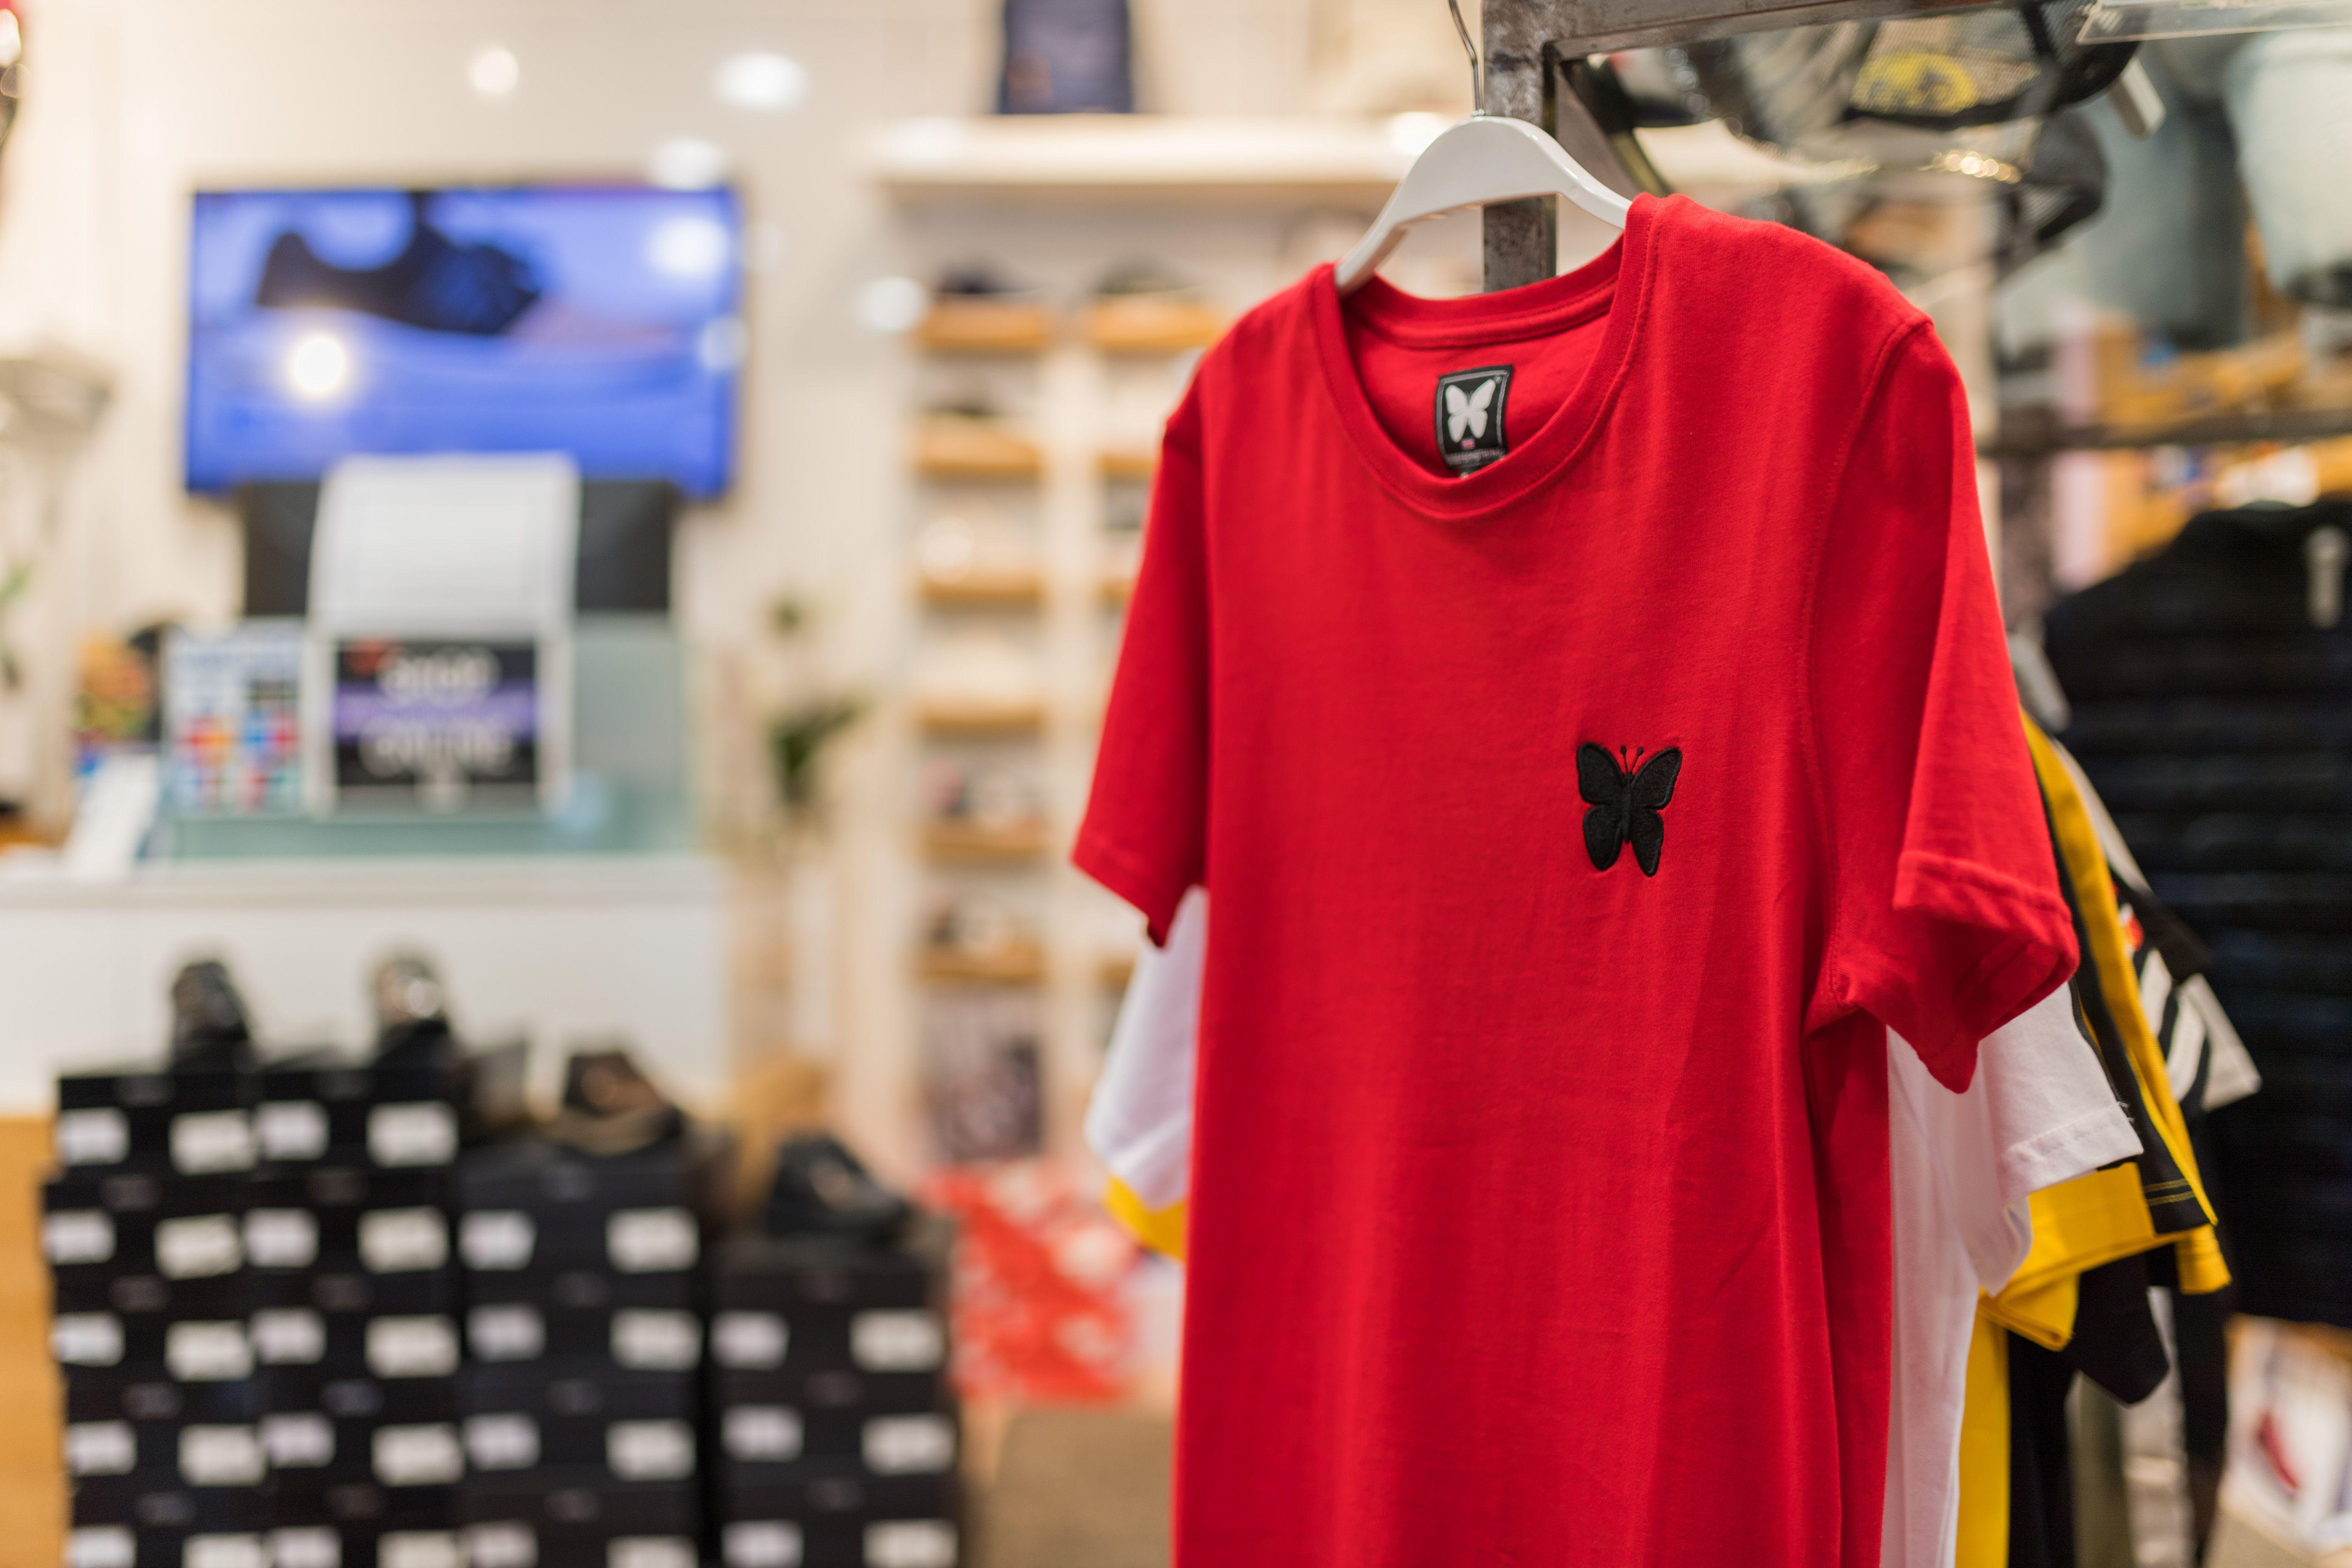 Venta de camisetas en Las Palmas de Gran Canaria